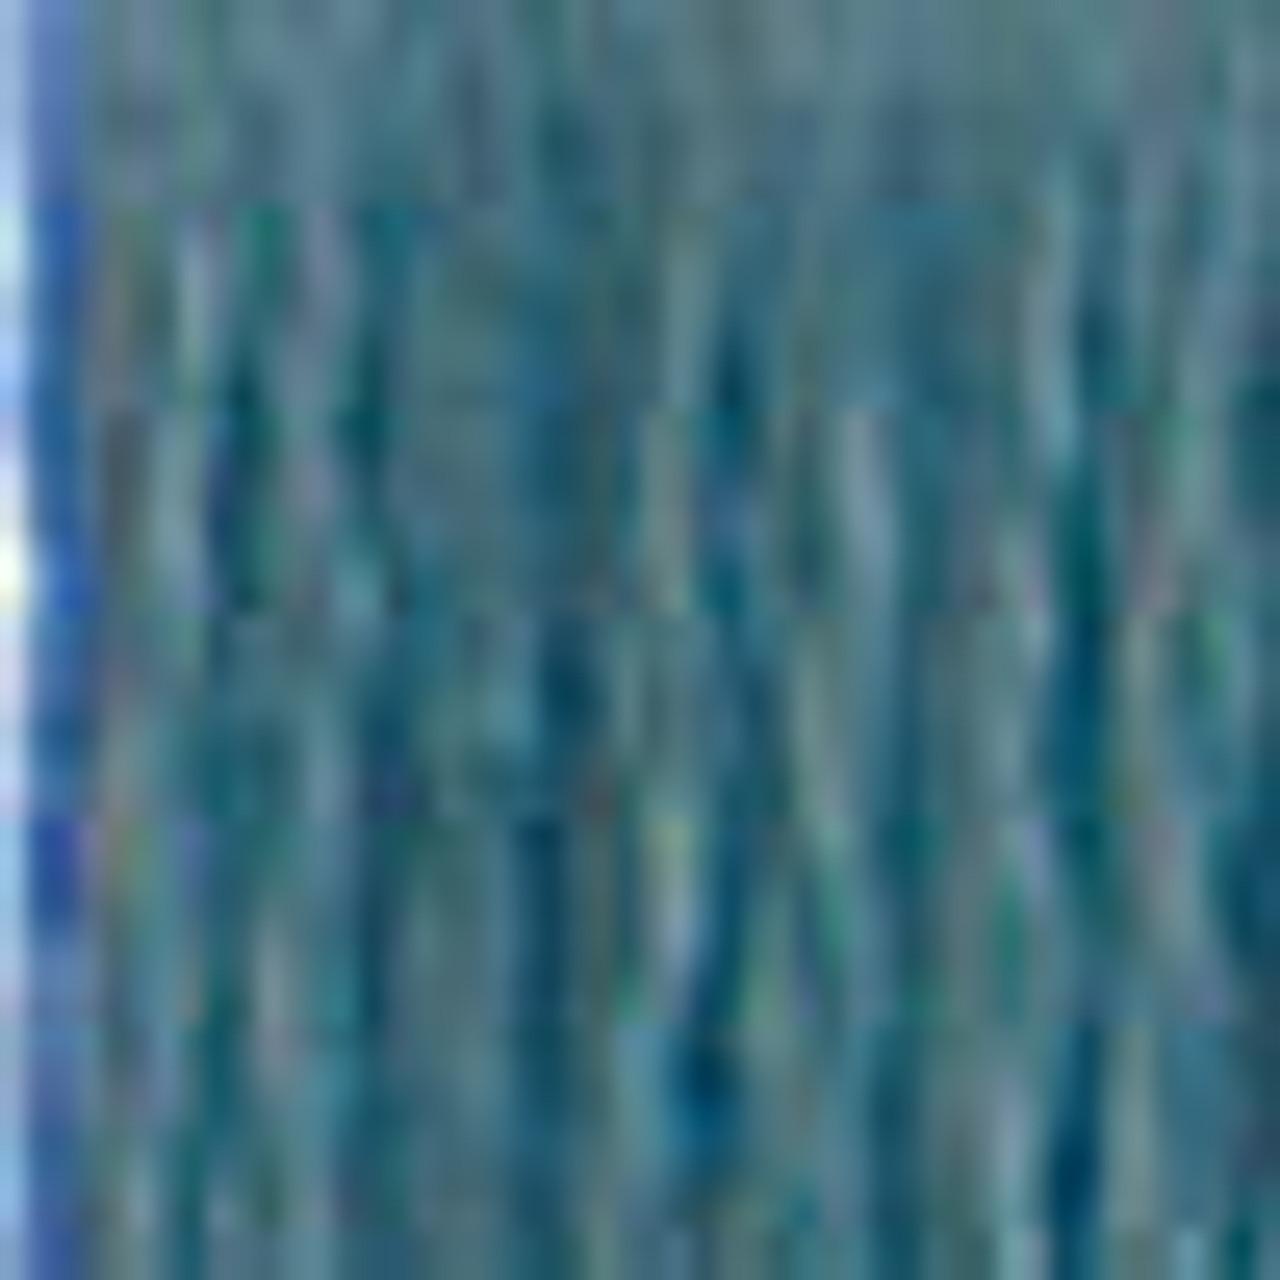 DMC # 3768 Dark Gray Green Floss / Thread